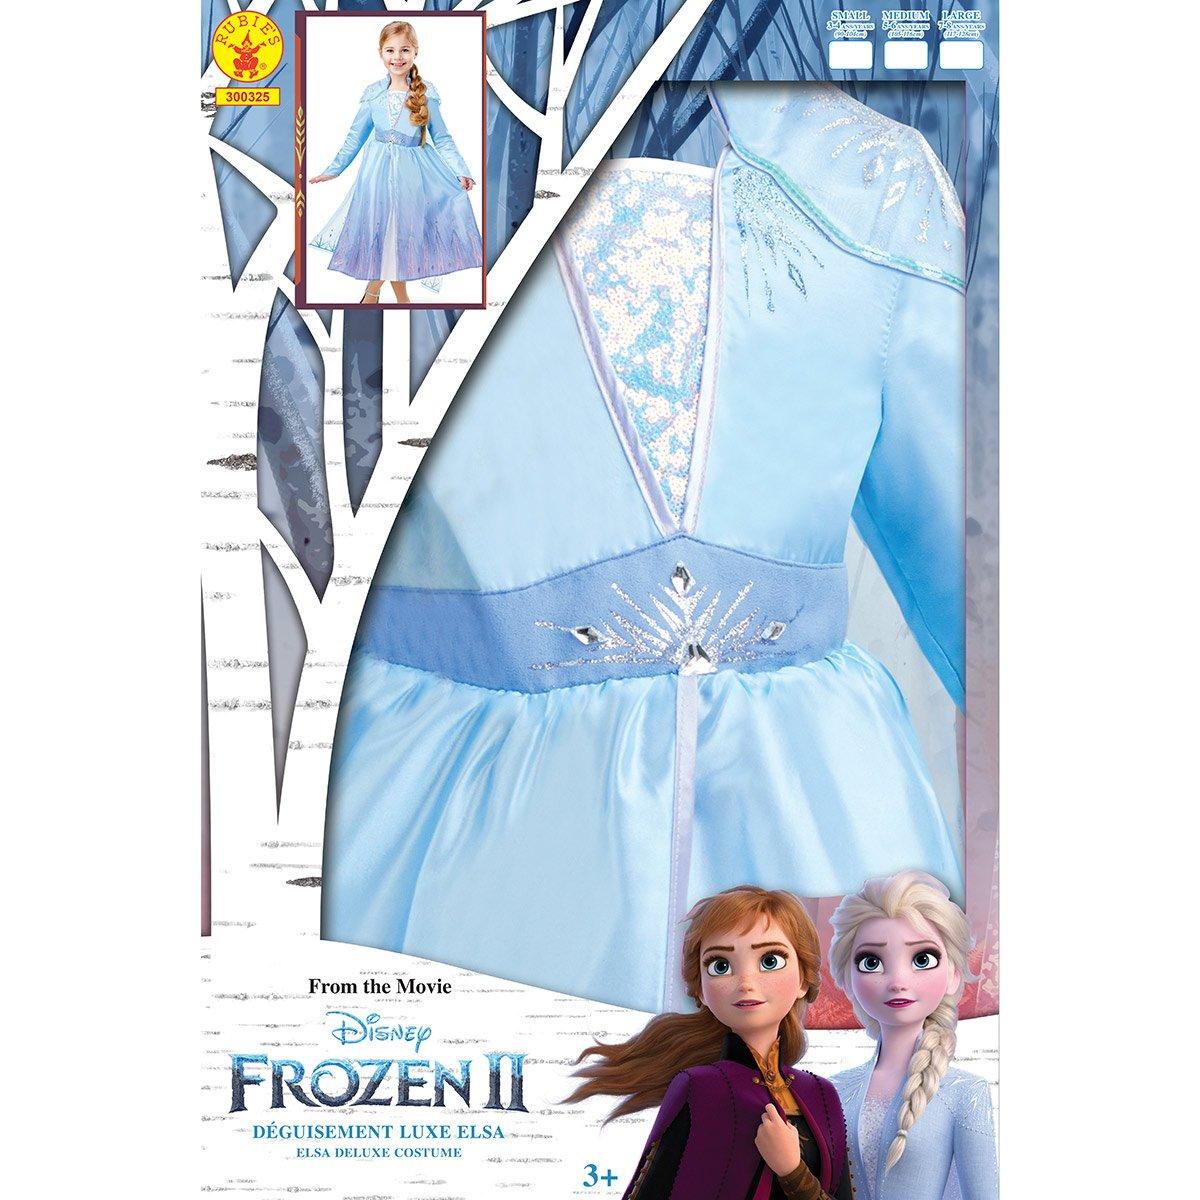 Deguisement Luxe Elsa La Reine Des Neiges 2 Taille S Deguisements Princesses Et Fees La Grande Recre